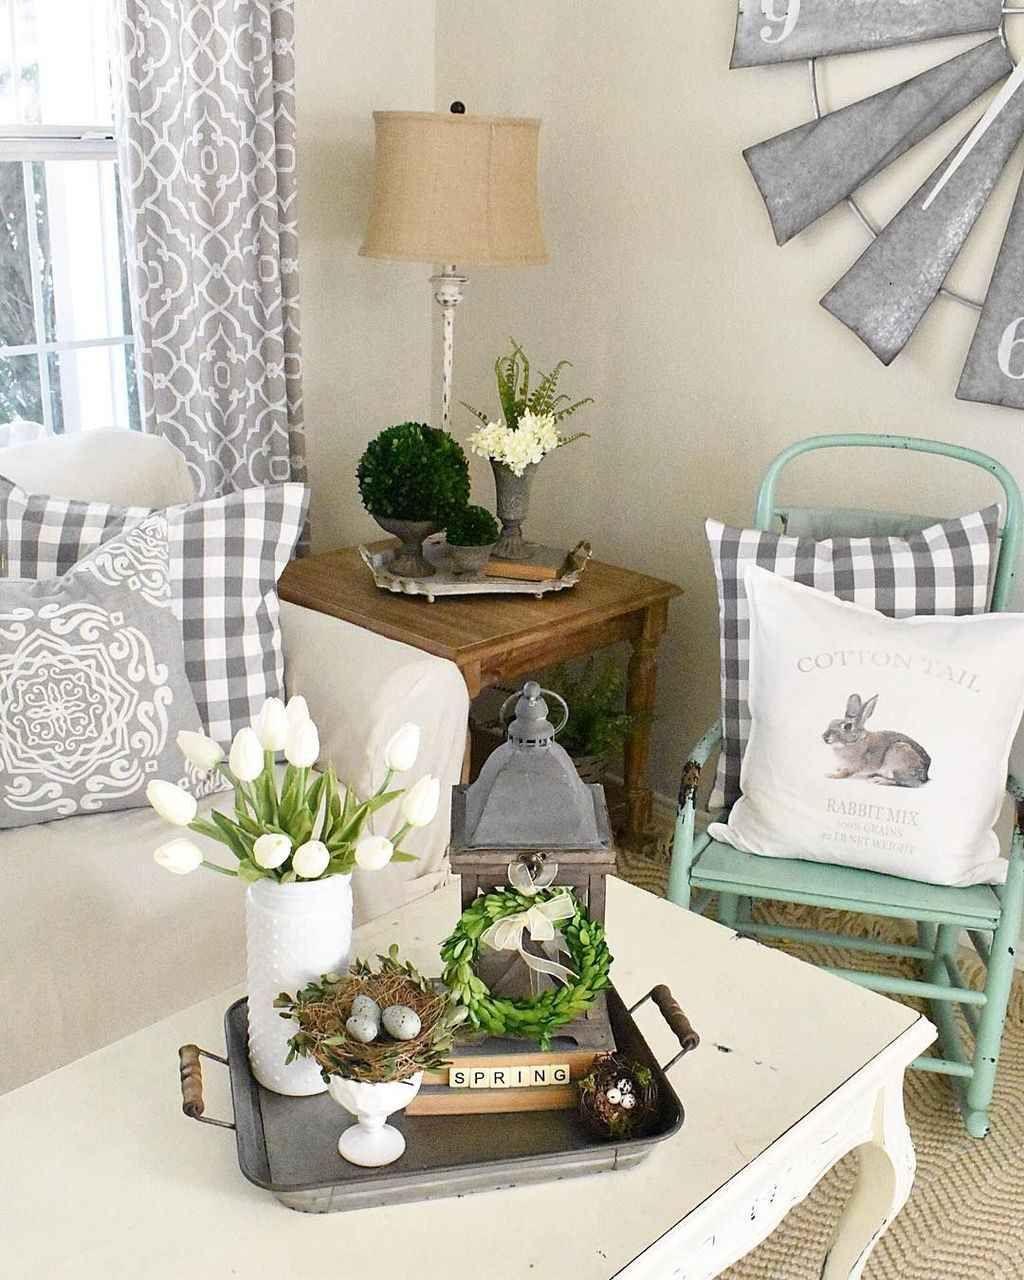 80 Farmhouse Spring Decor Ideas For Your Home Inspiration Homixover Com Spring Living Room Spring Home Decor Decor